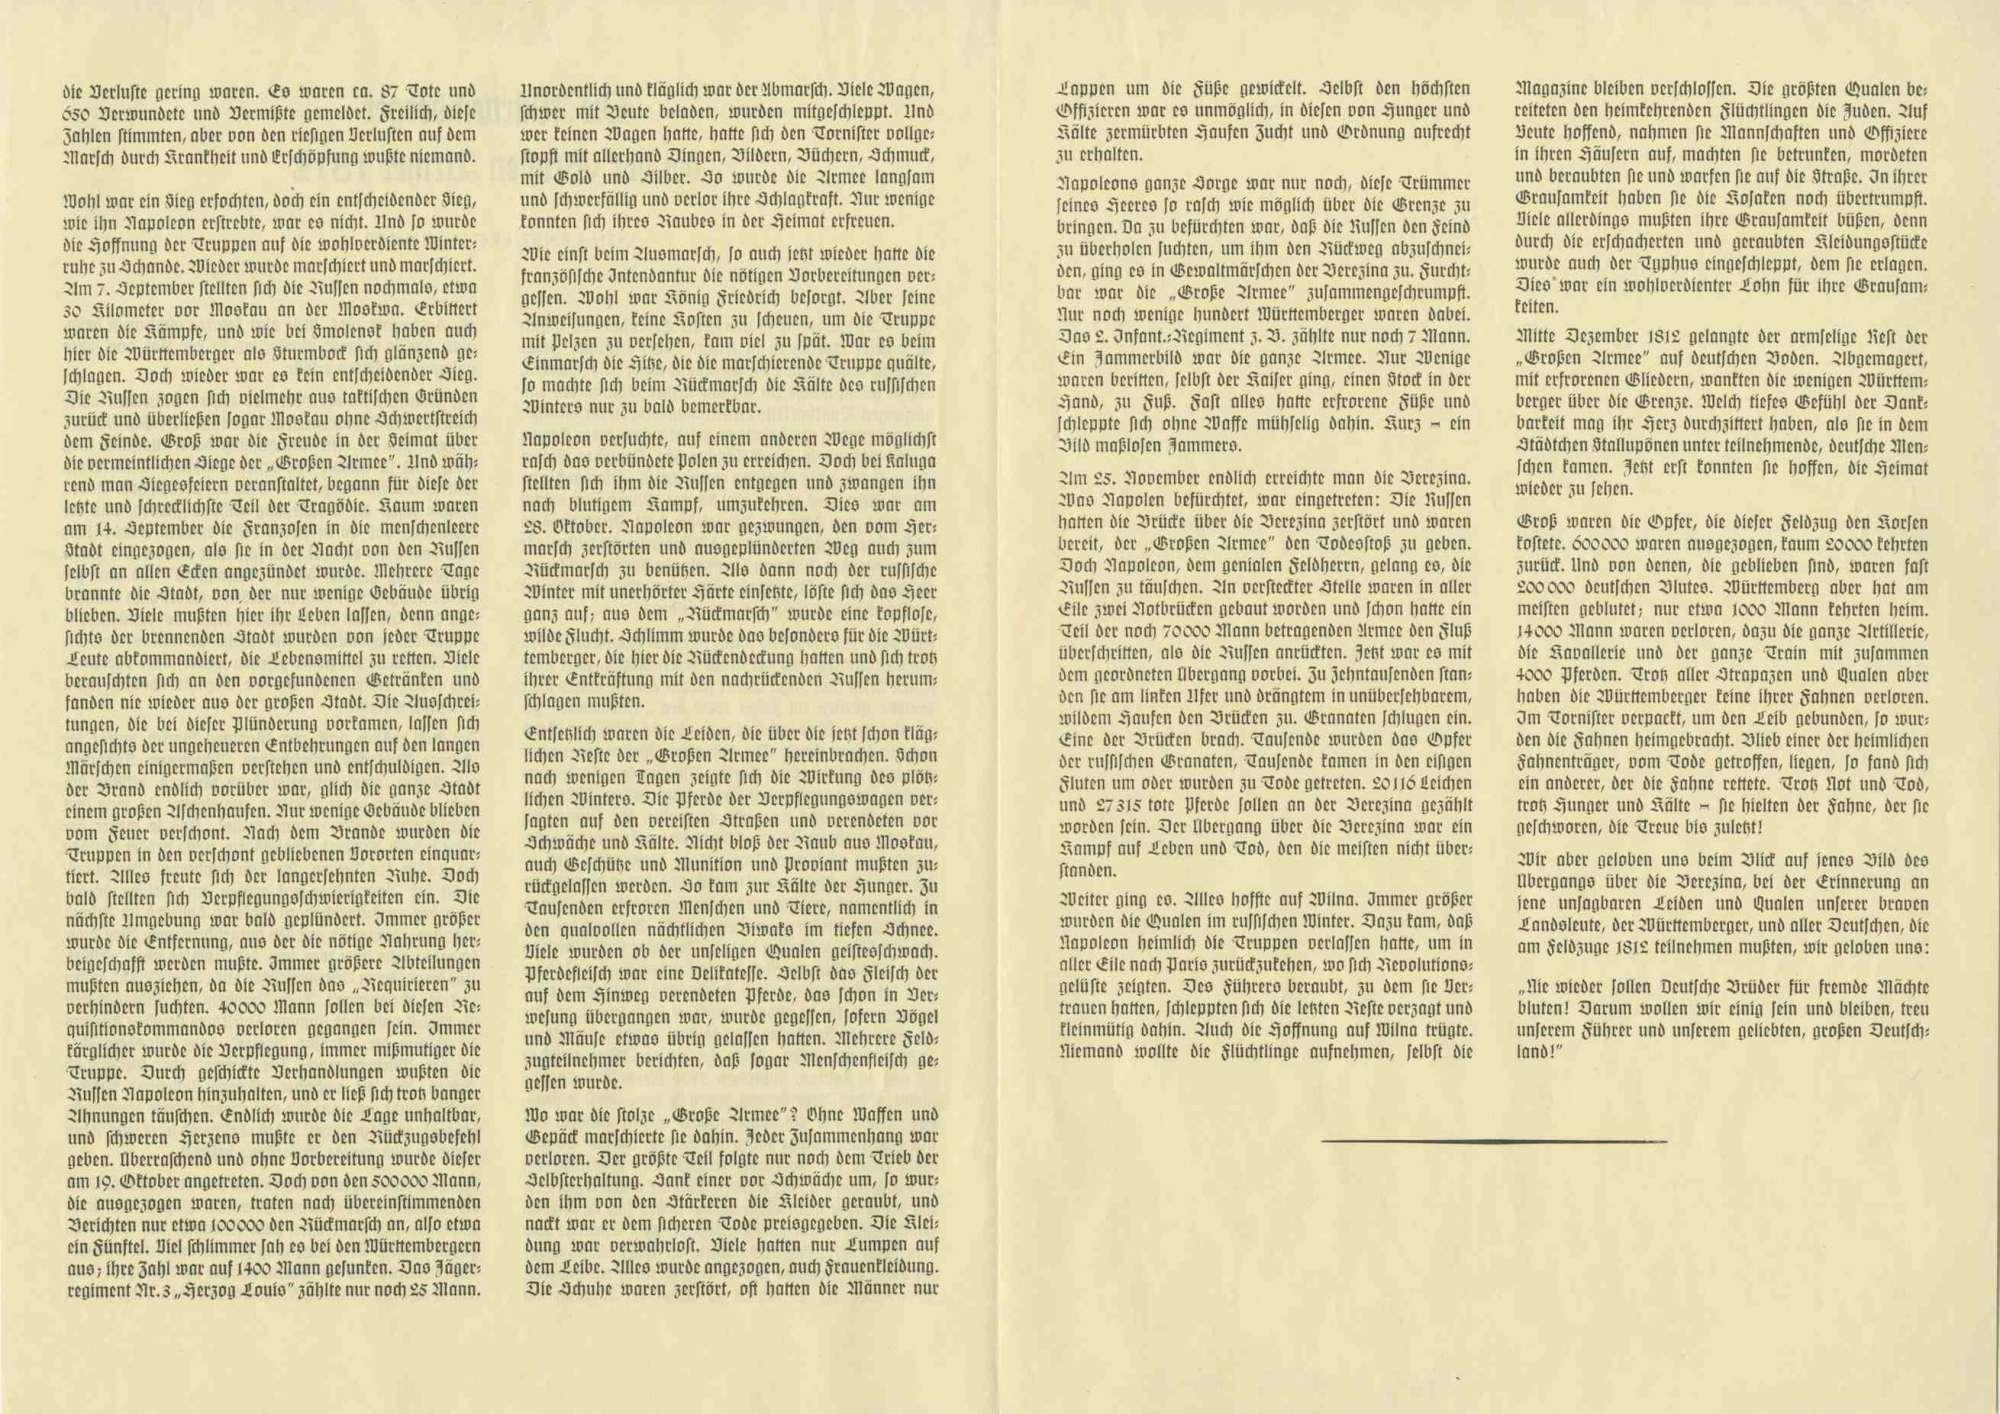 Truppen der Grande Armée Kaiser Napoleons I. überqueren auf ihrem Rückzug aus Russland die Beresina vom 26.-29.11.1812: Geschützgespanne, Infanterie und Kavallerie in dichtem Gedränge auf Pionierbrücke, Verluste bei Sturz in eisiges Wasser, Bild 3